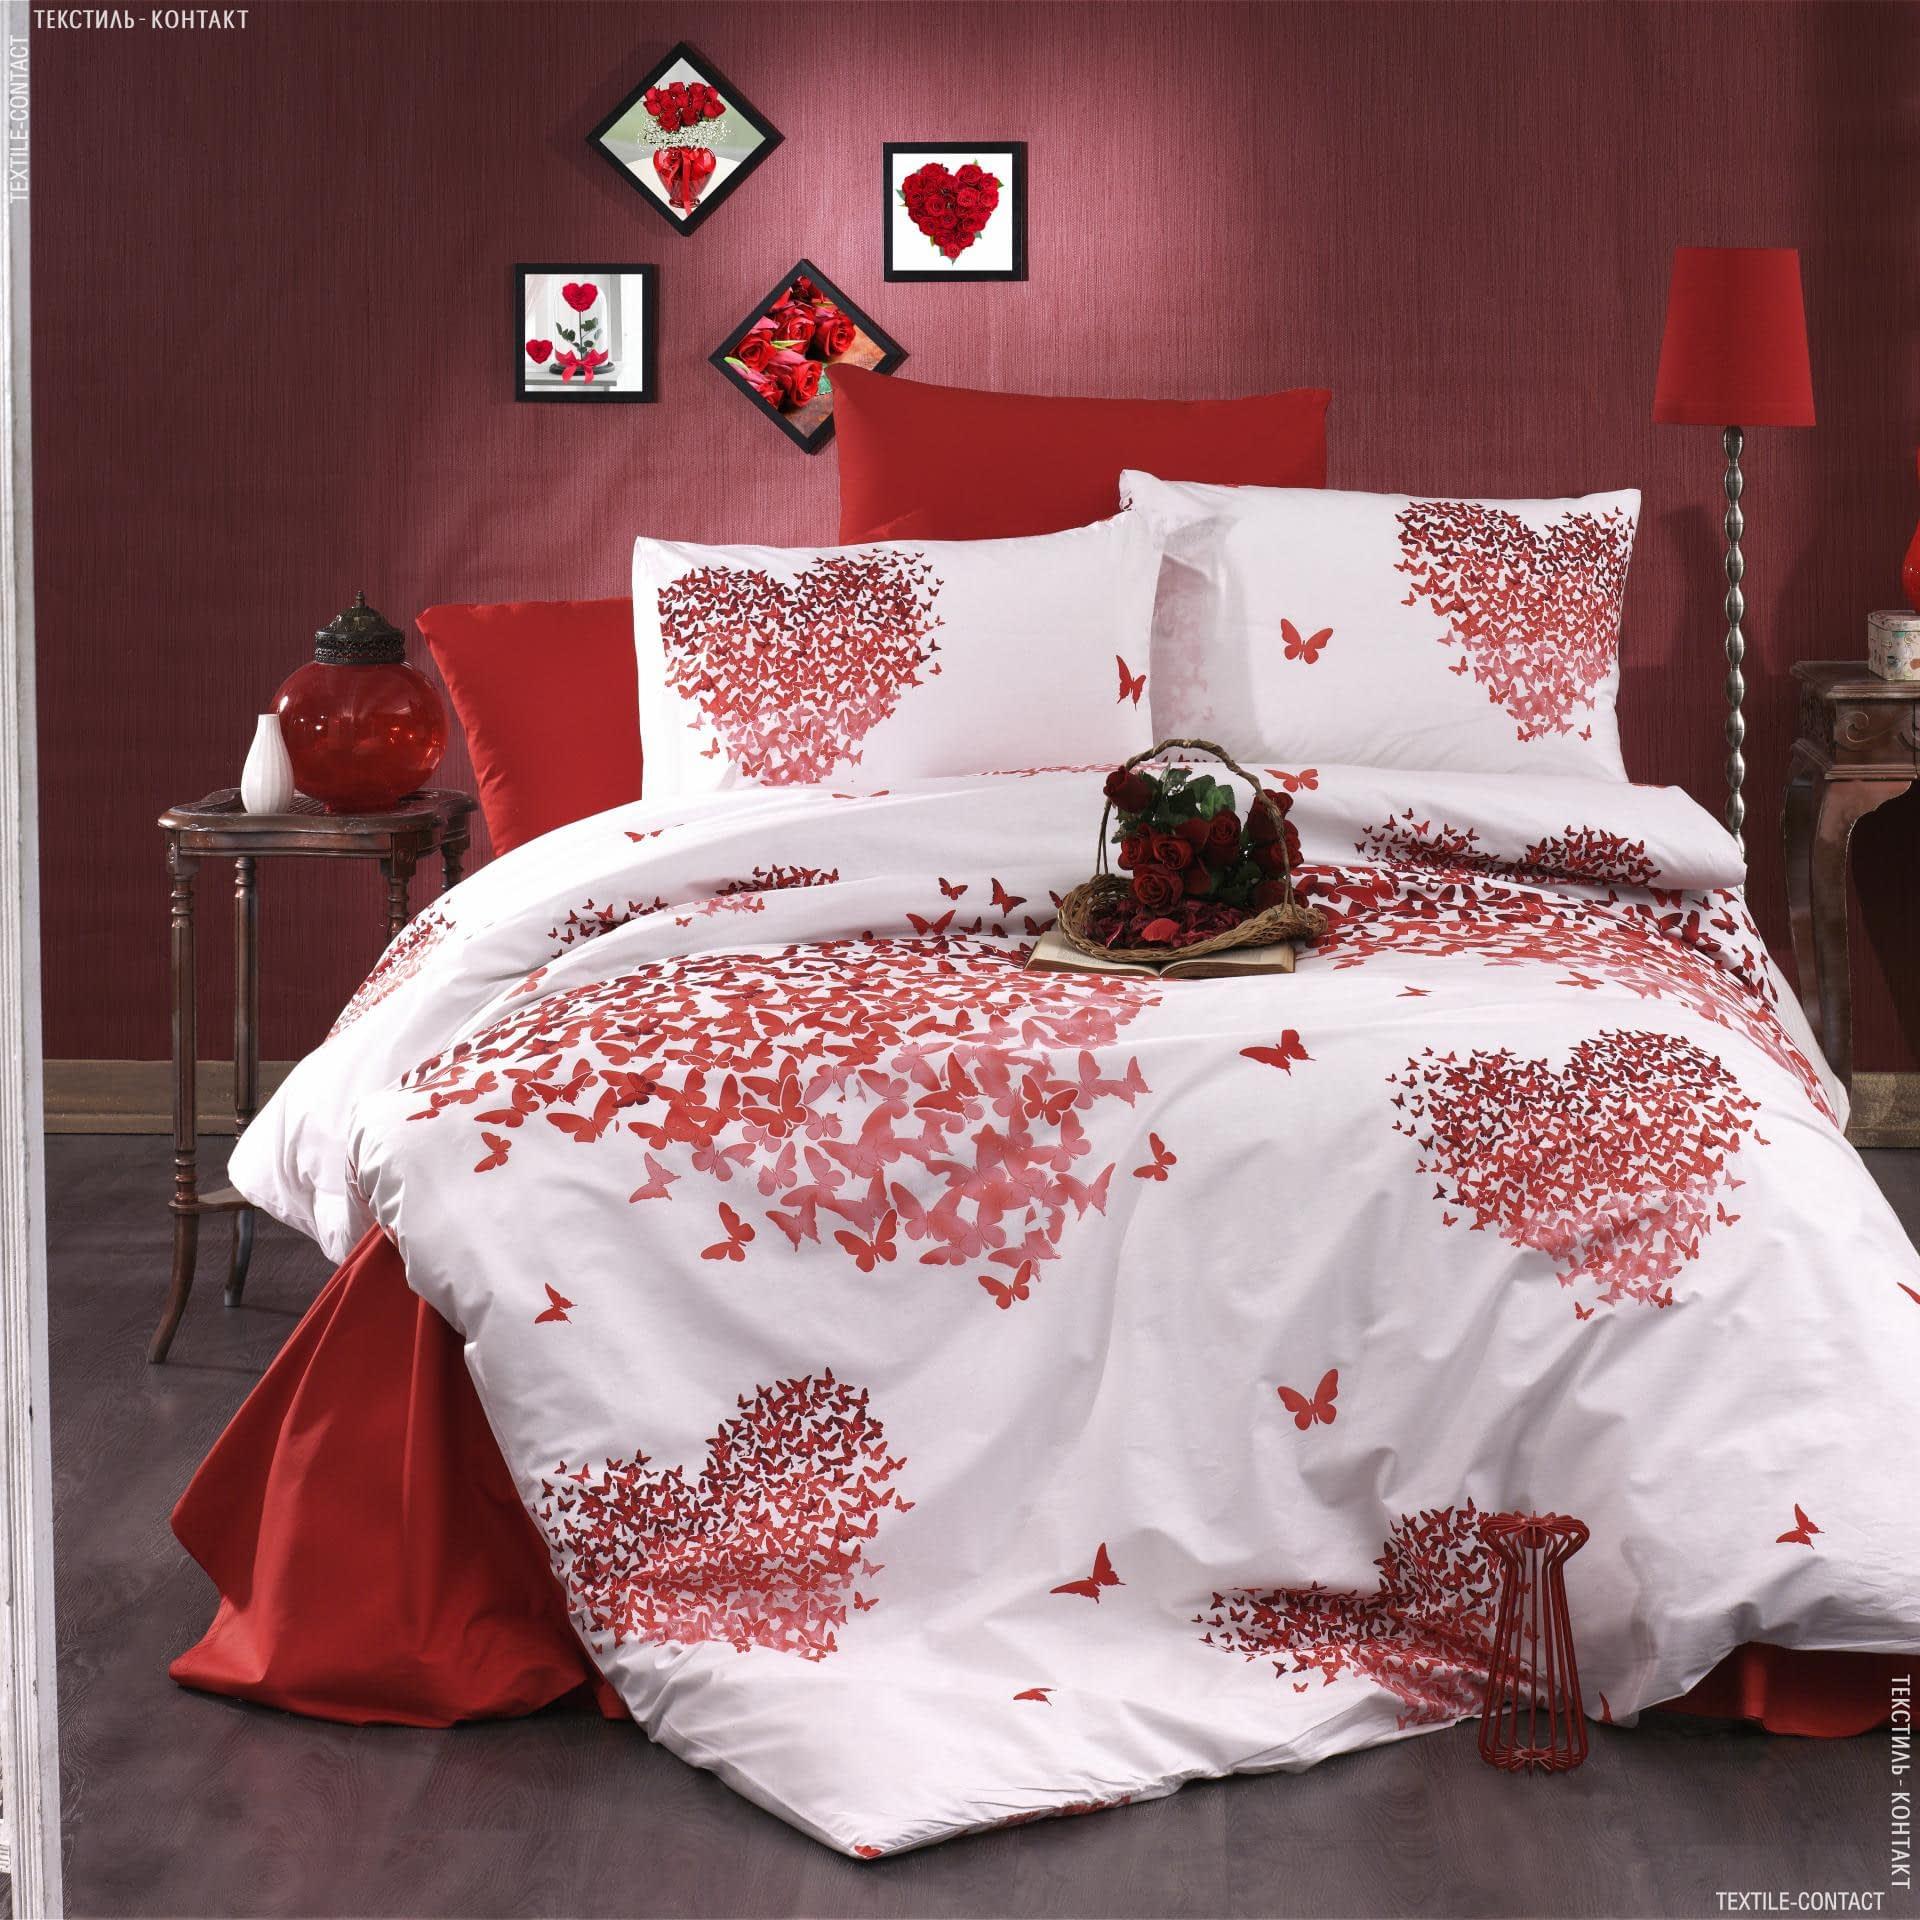 Ткани для постельного белья - Бязь набивная RANFORCE LUX сердца